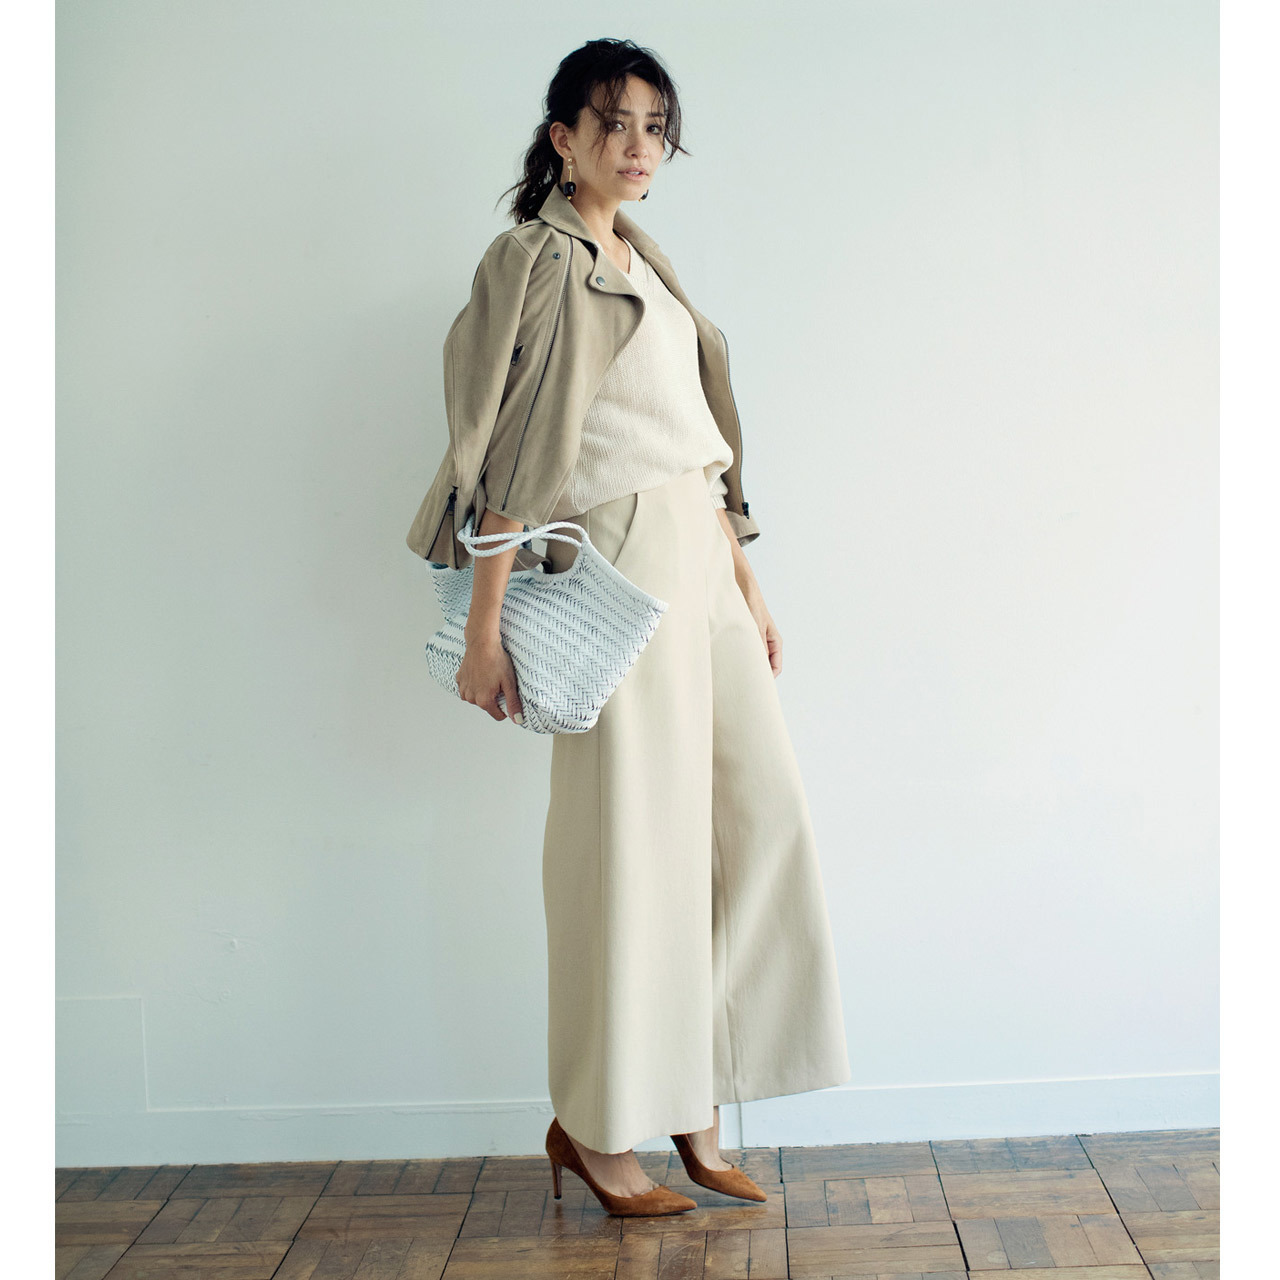 ベージュのライダースブルゾン×ベージュパンツのファッションコーデ